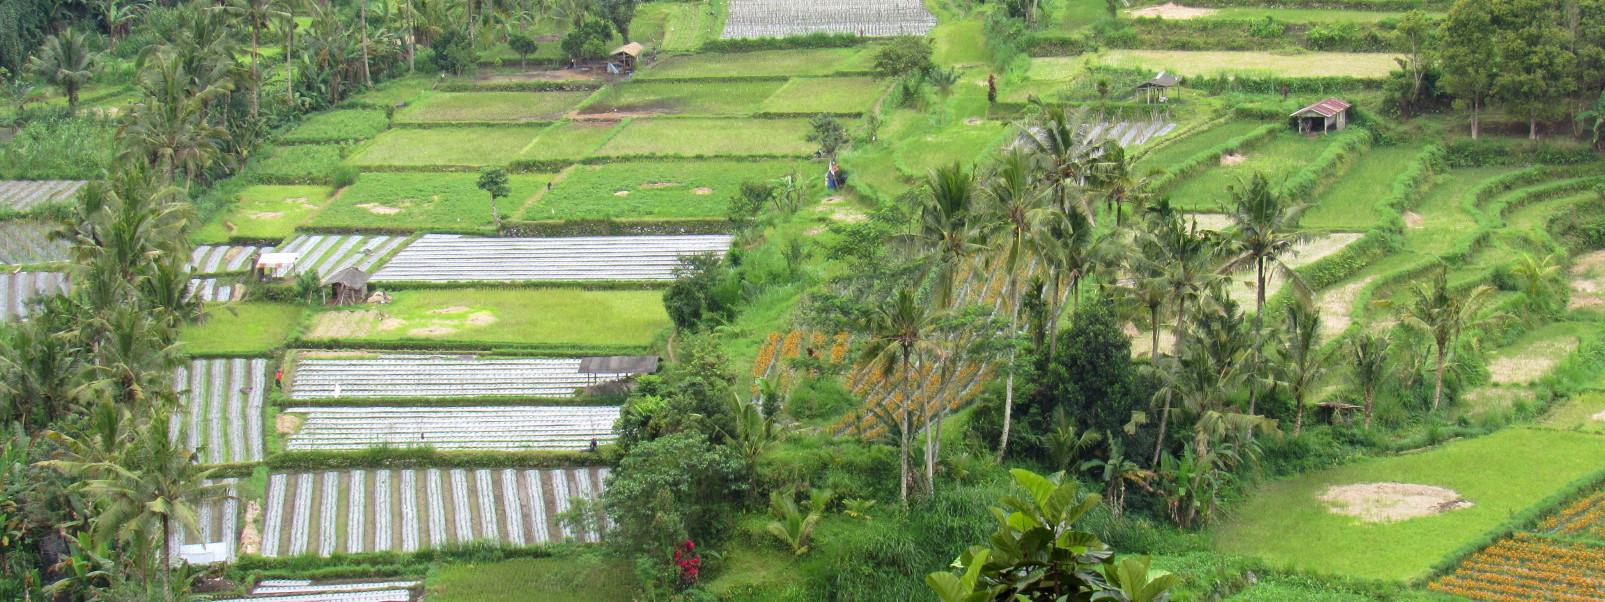 Bali Panorama II